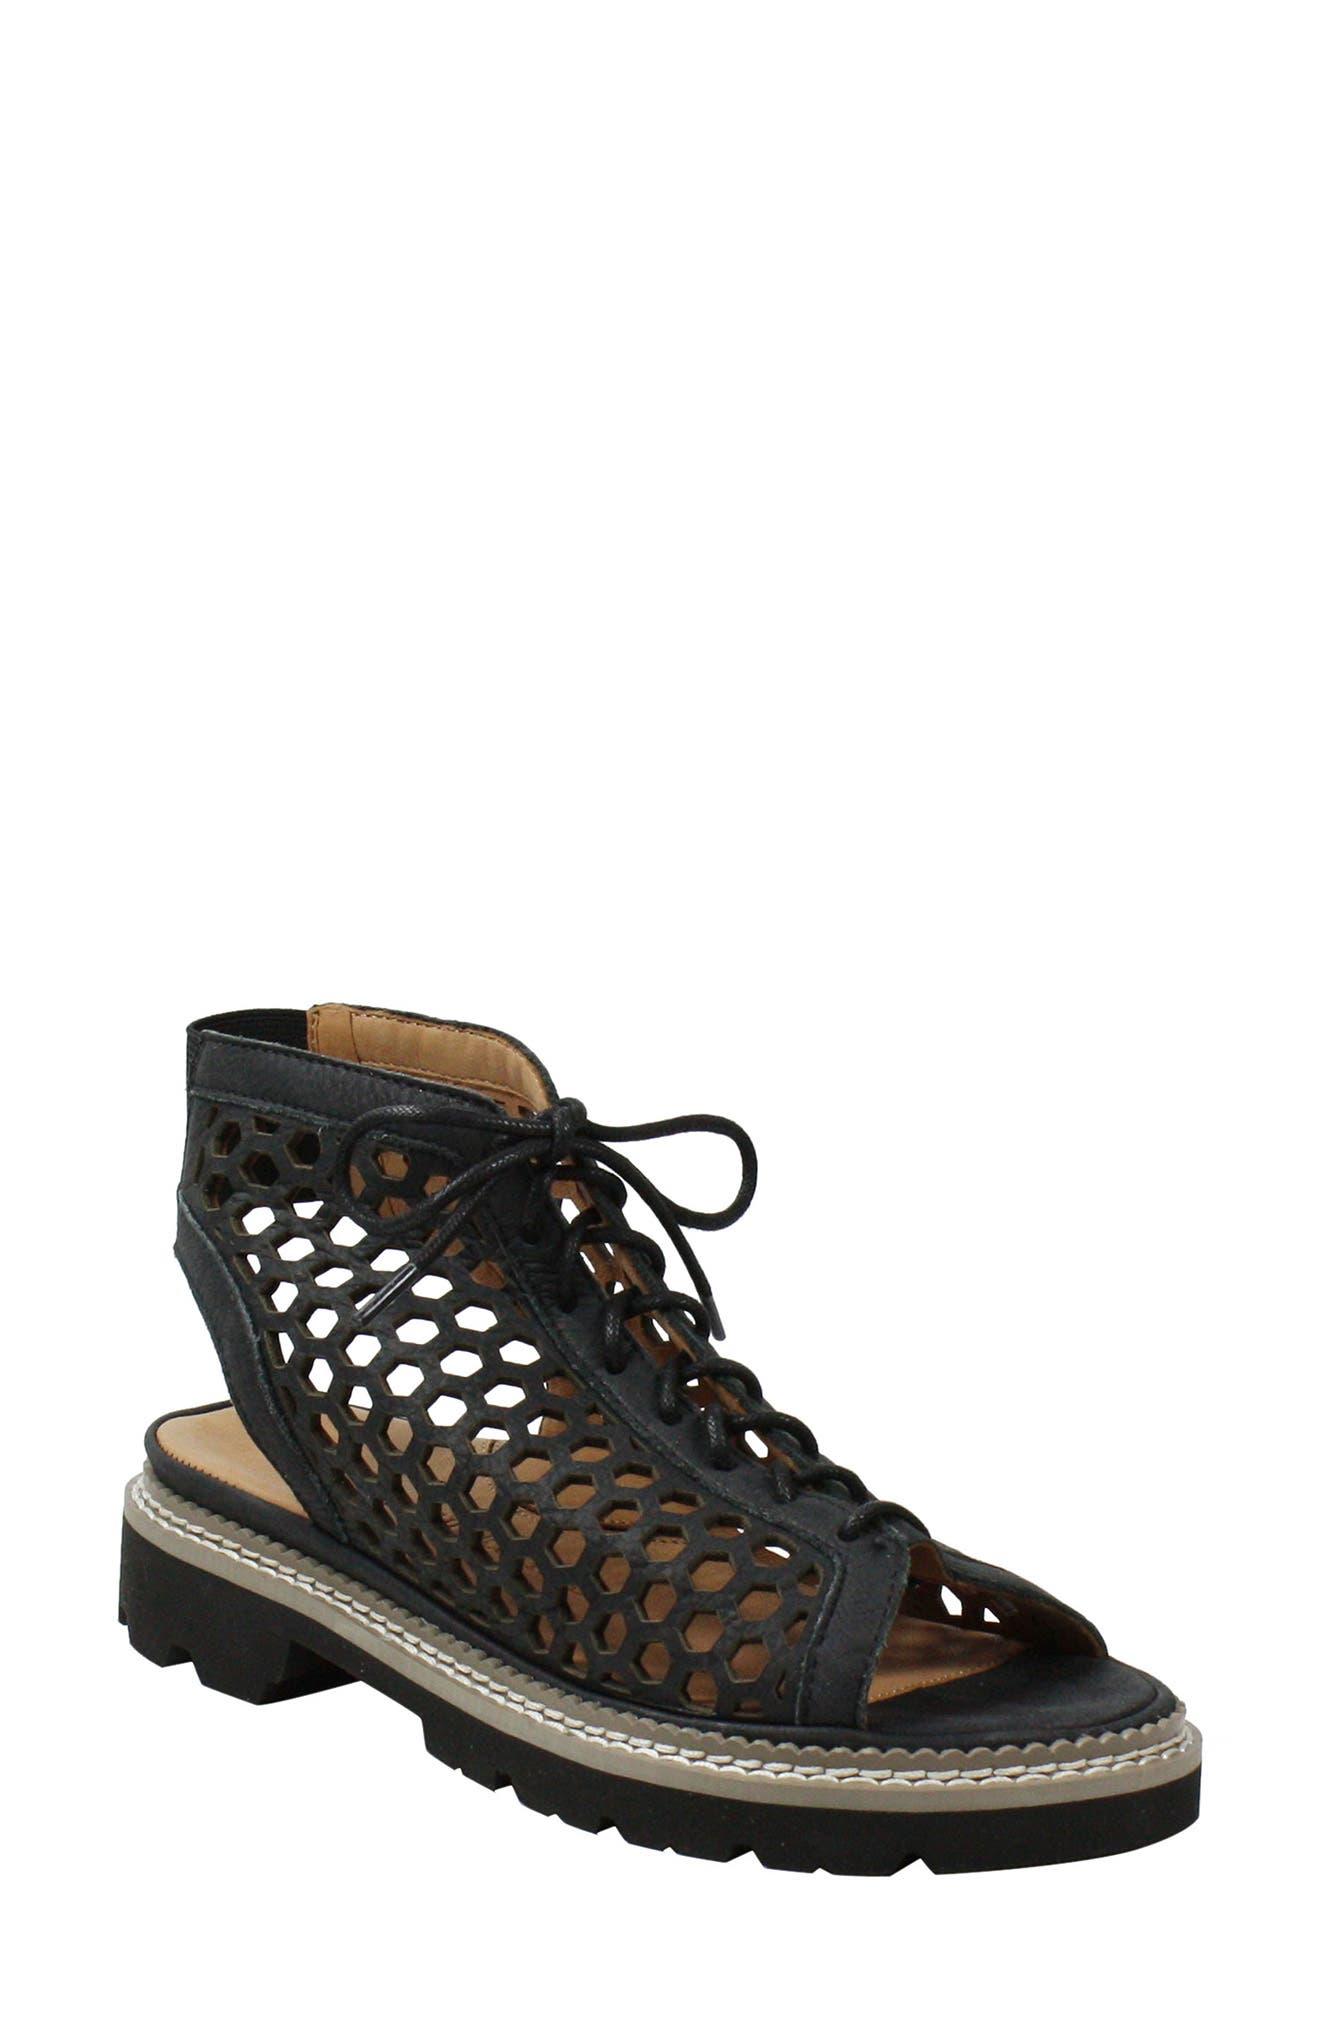 Women's L'Amour De Pieds Dantu Lace-Up Sandal